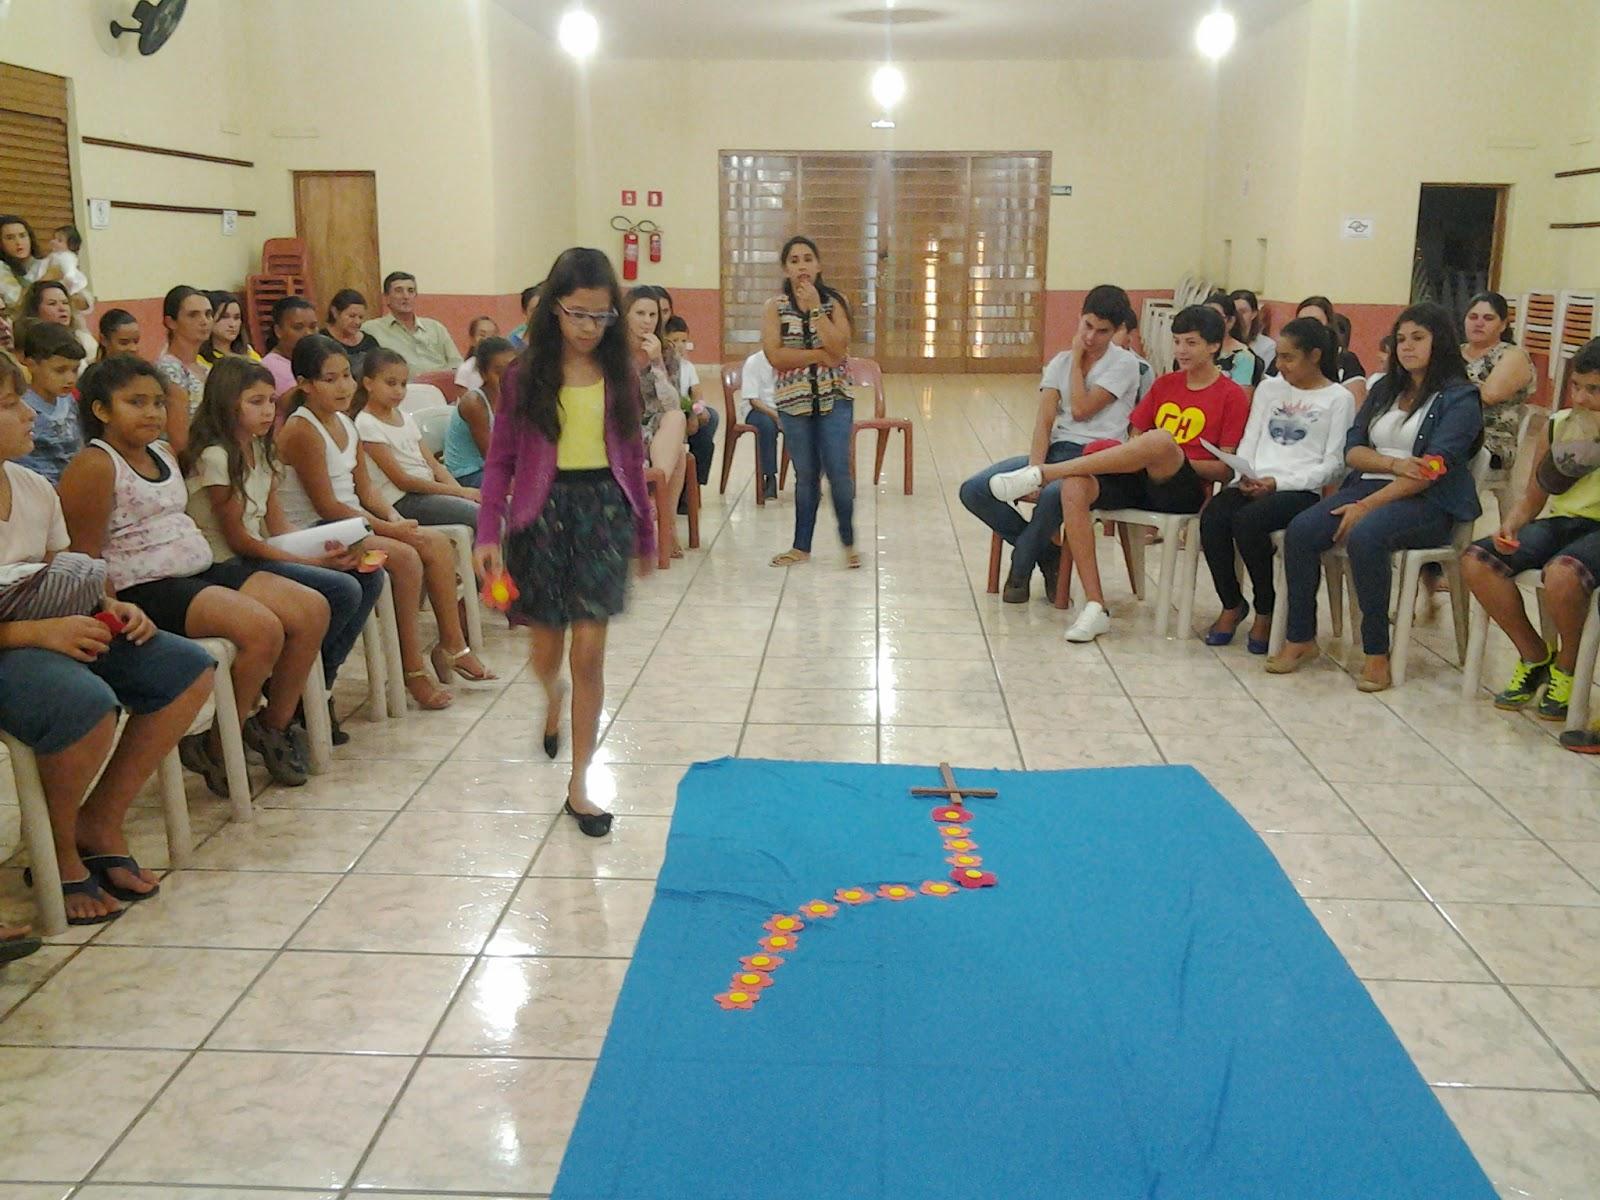 evangelizar é preciso: Espiritualidade na catequese